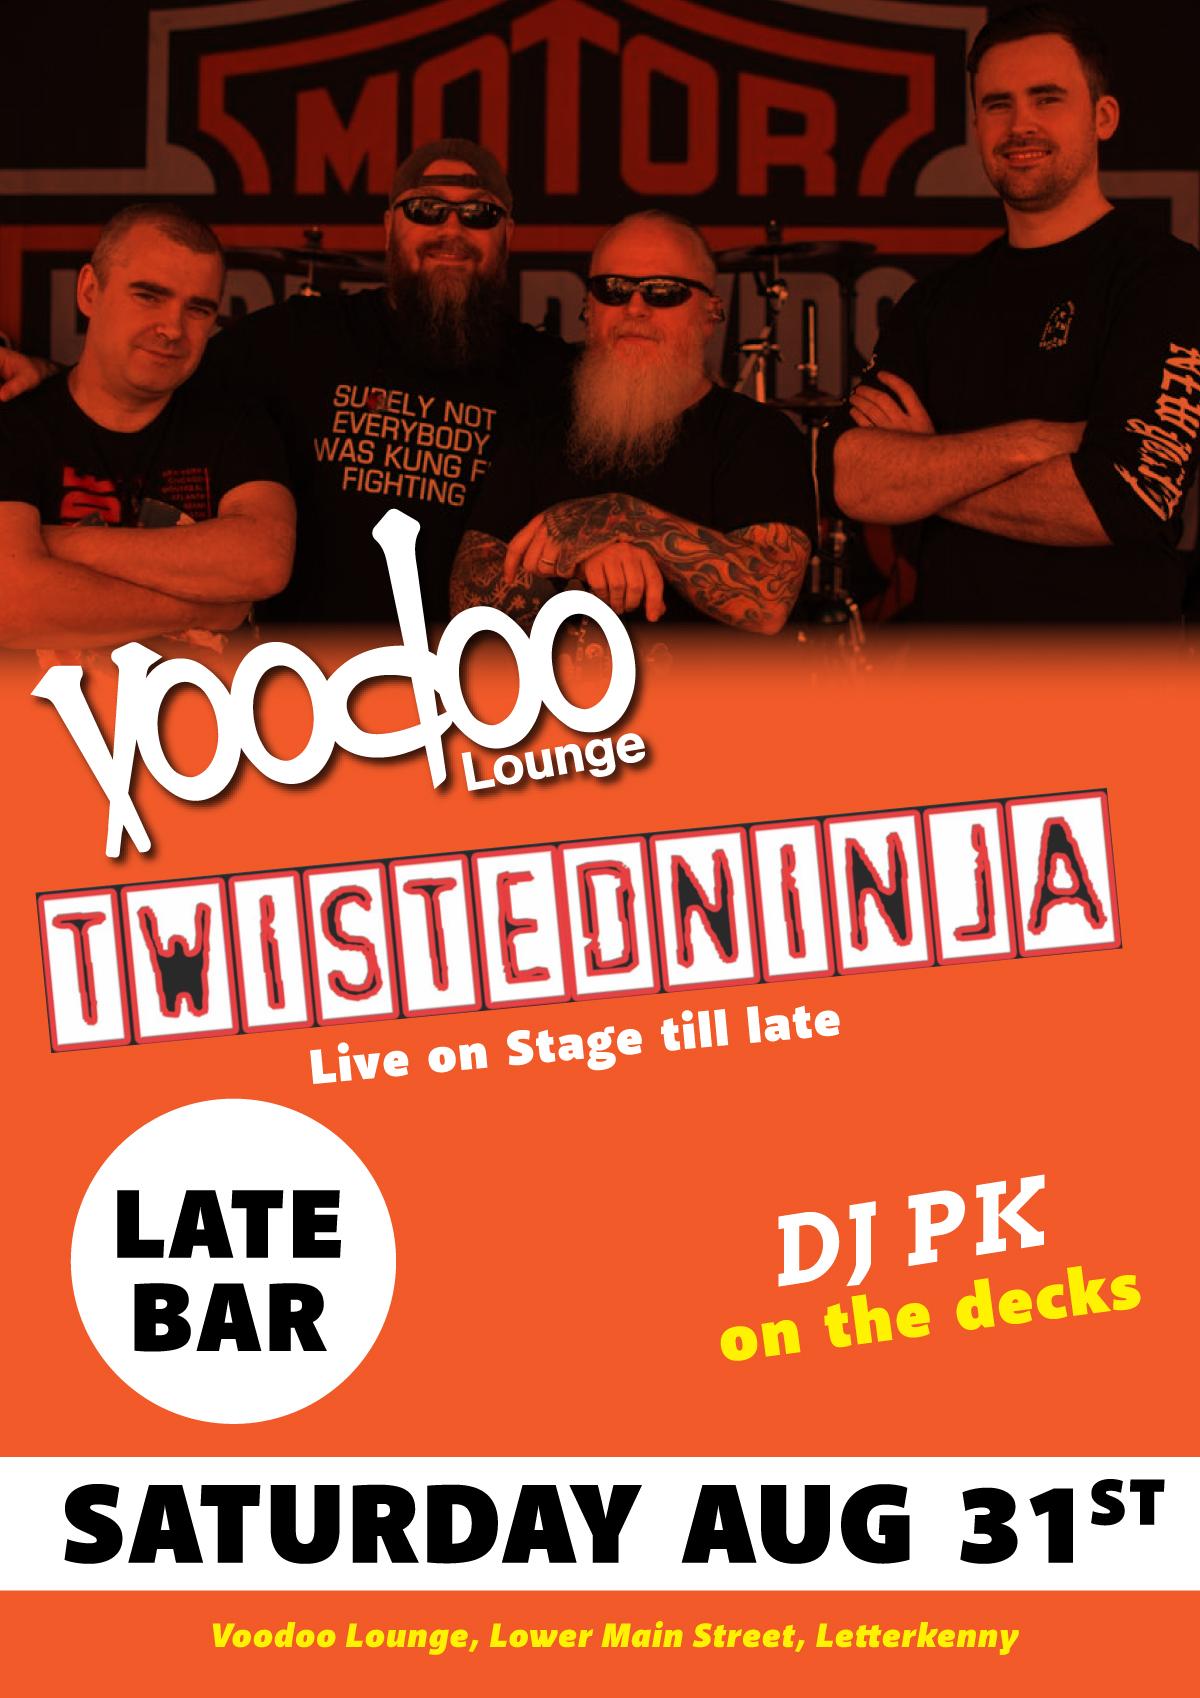 voodoo-venue--SATURDAY---twisted-ninja-sat-AUG-31-2019.jpg